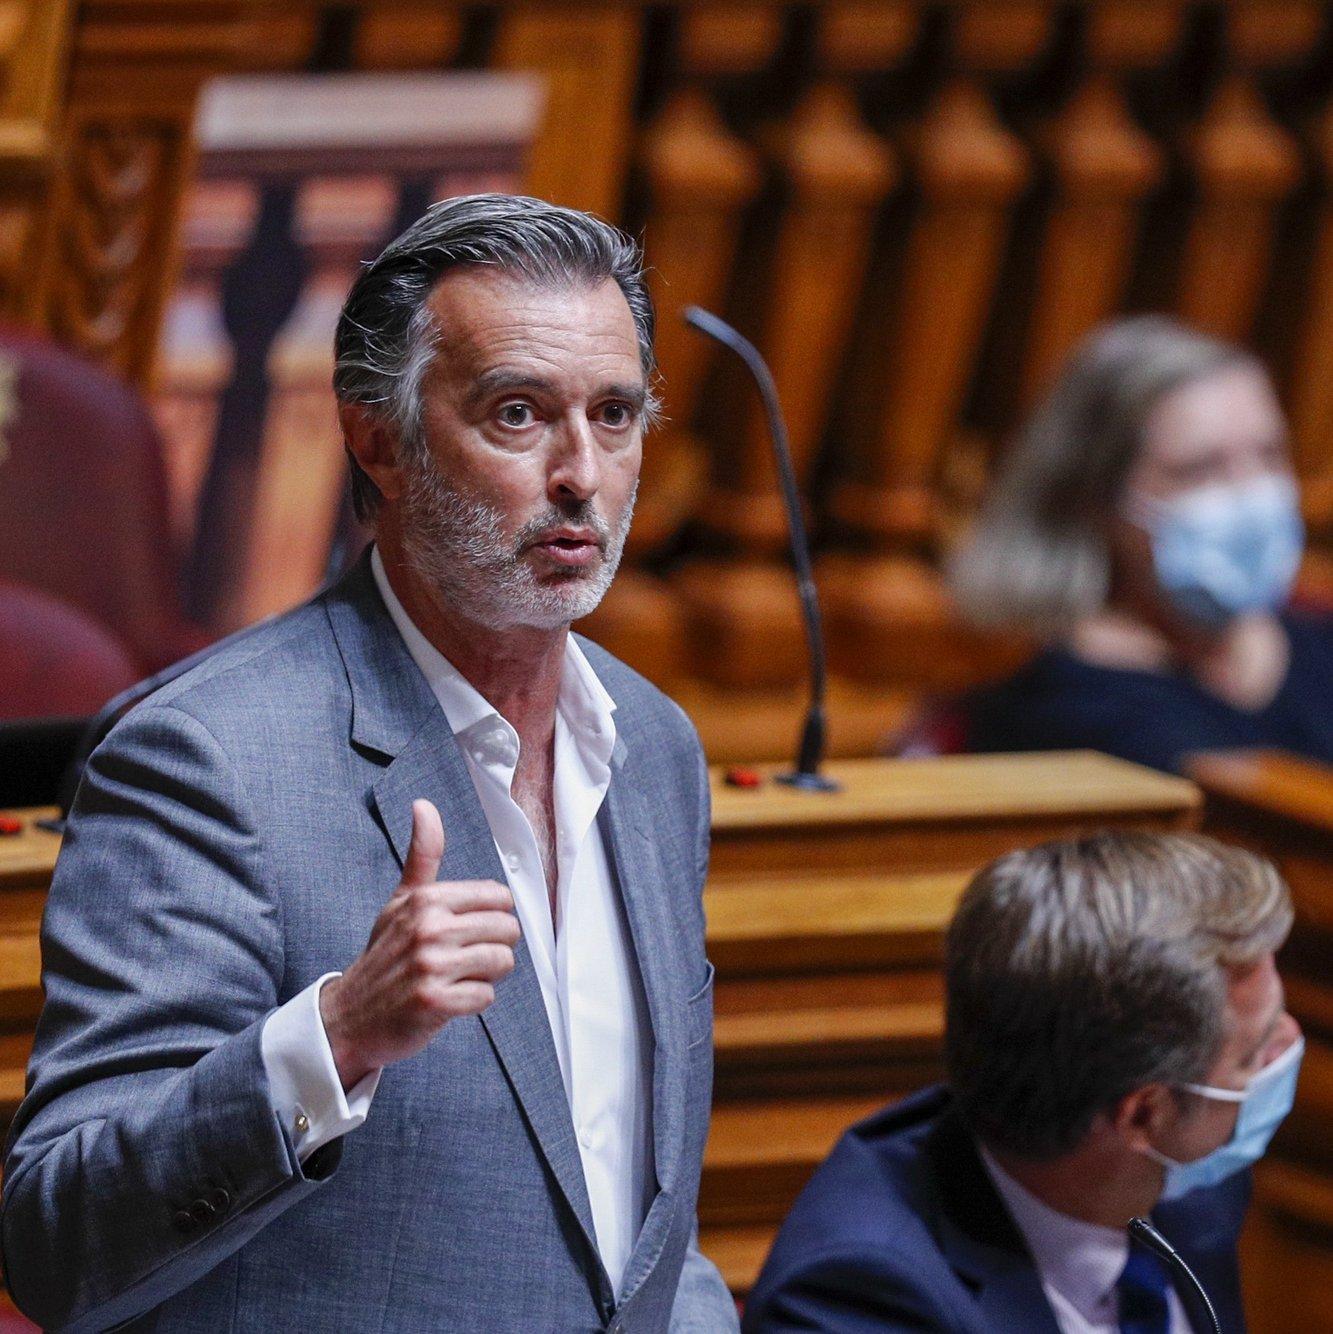 O deputado da Iniciativa Liberal, João Cotrim de Figueiredo, intervém durante o debate sobre política geral, na Assembleia da República, em Lisboa, 07 de outubro de 2021. ANTÓNIO COTRIM/LUSA